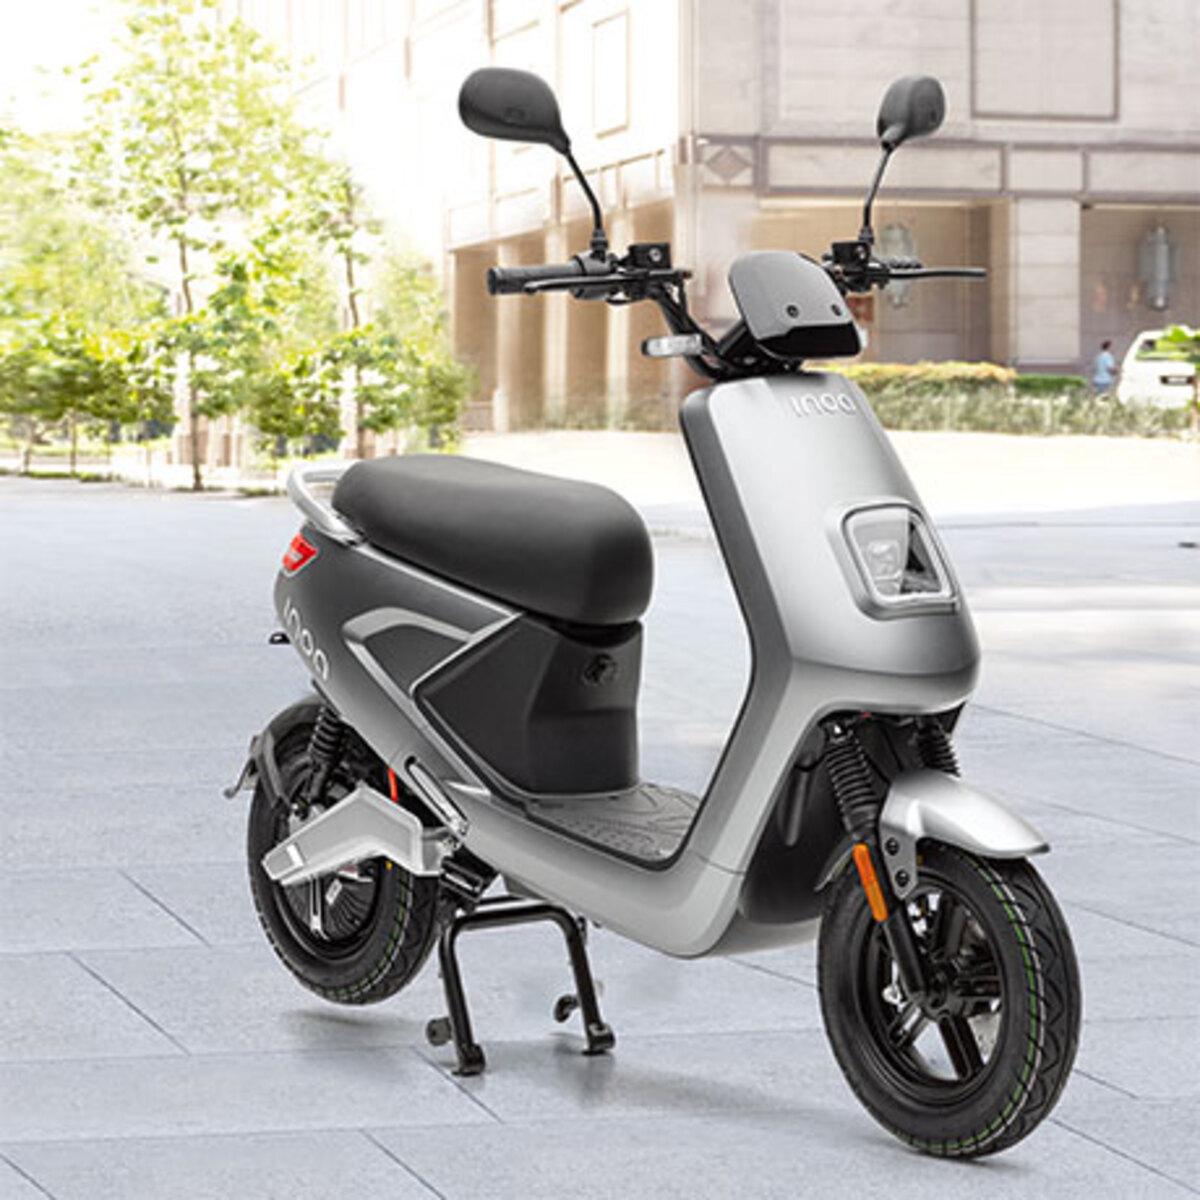 Bild 1 von Elektro-Roller S41